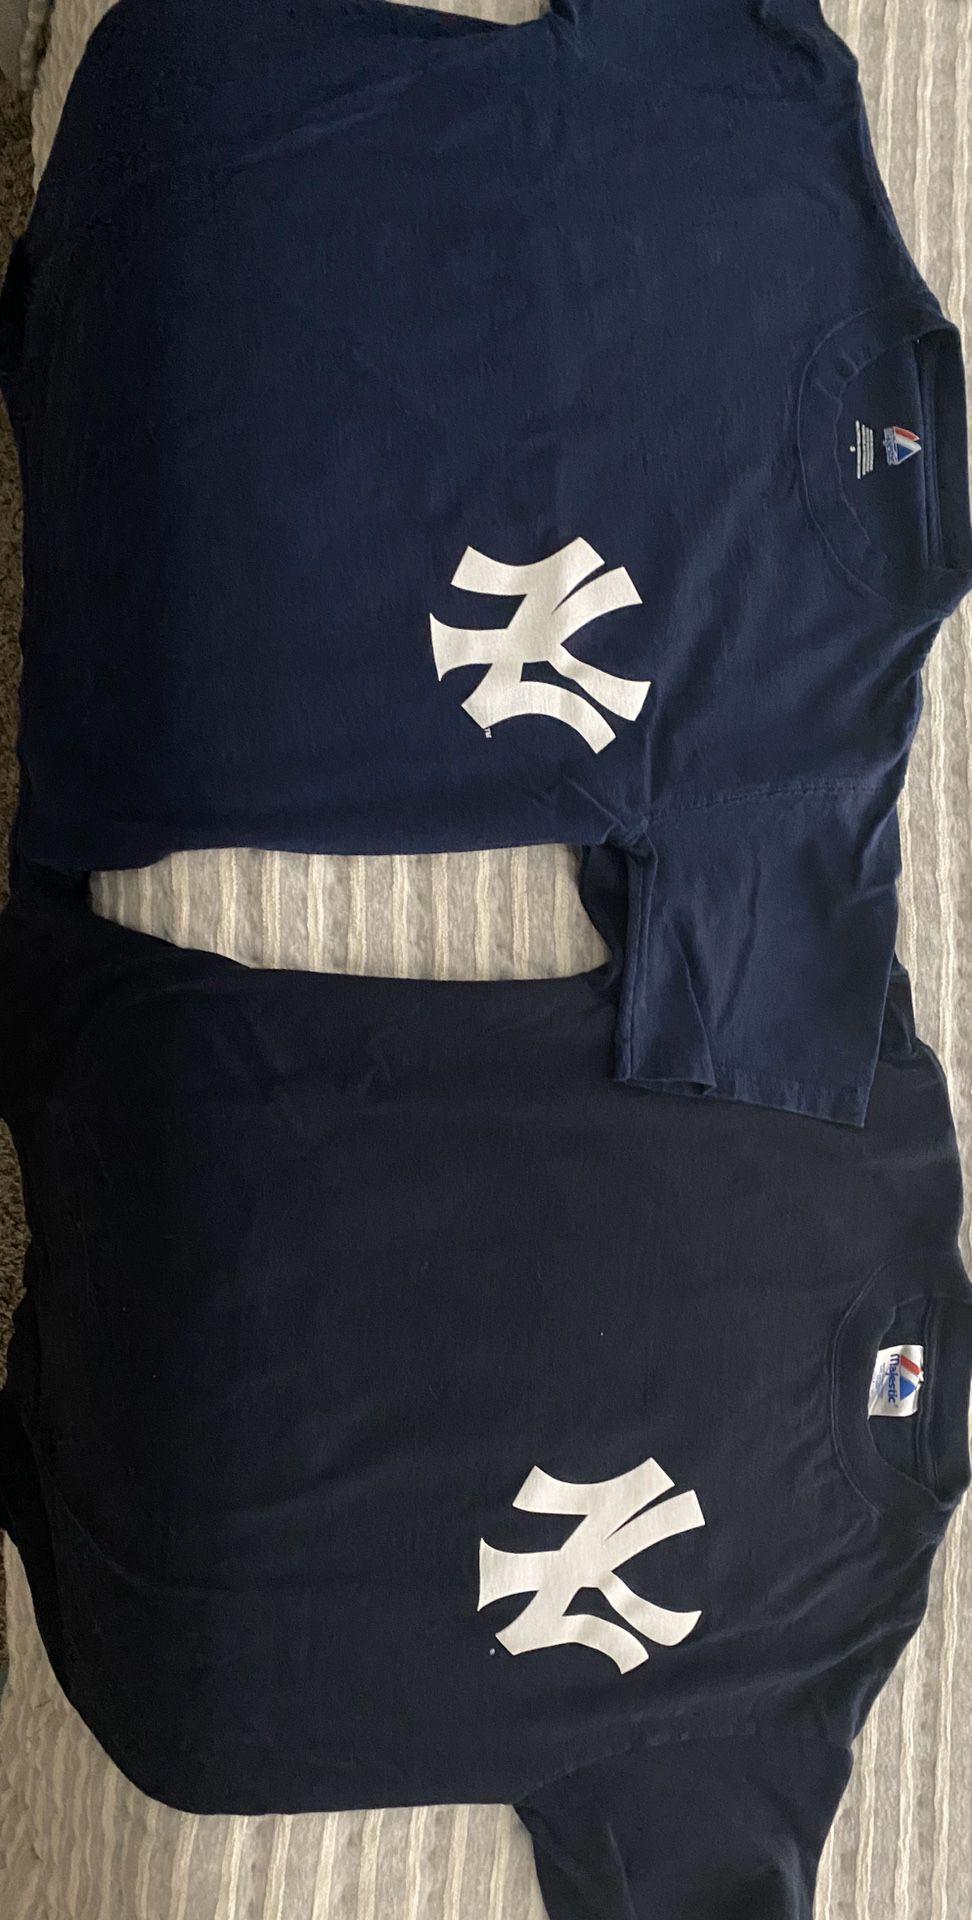 Yankees T shirts